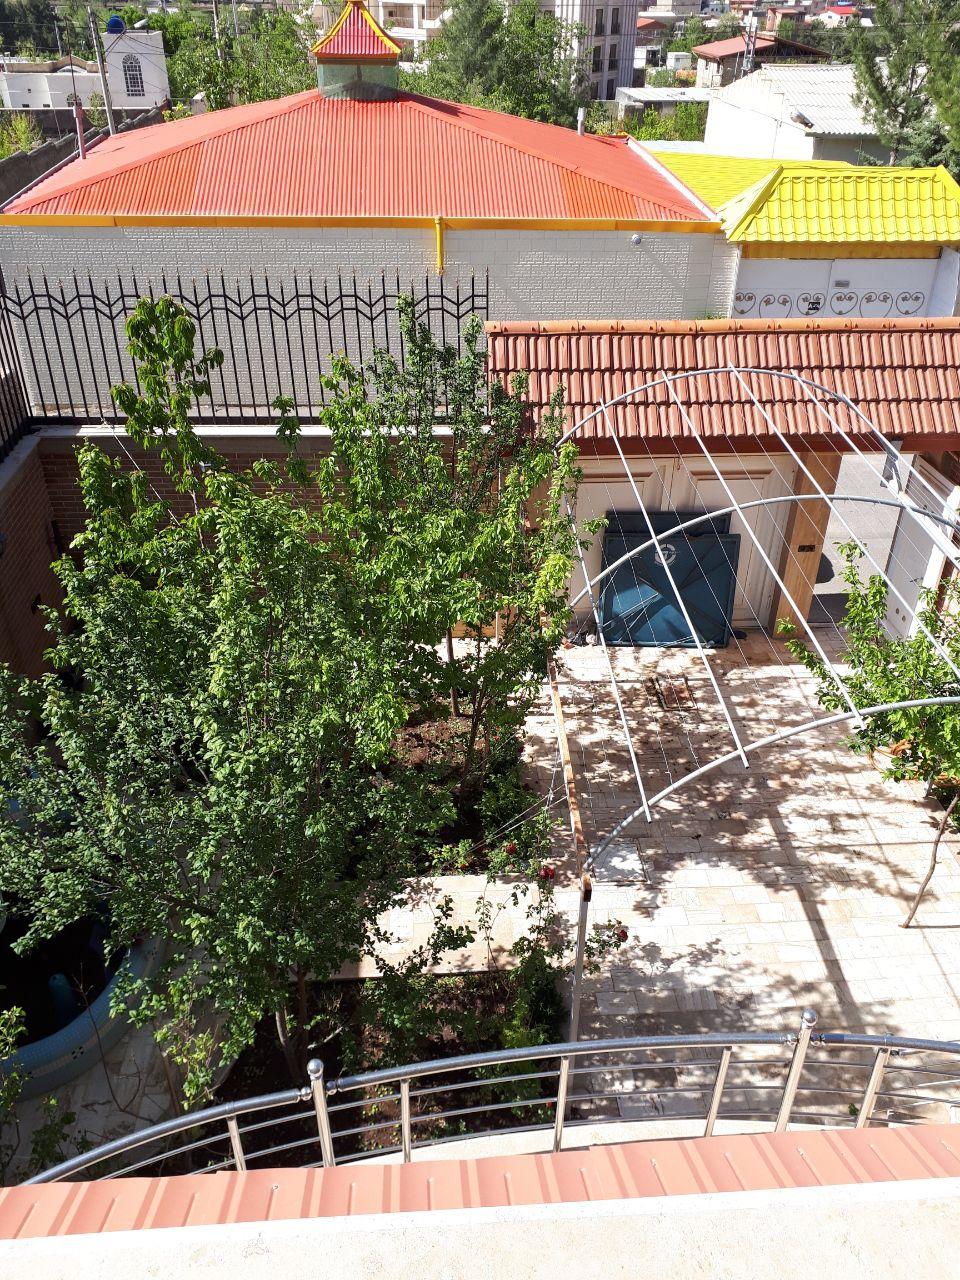 اجاره ویلا لاکچری در قمصر-کد ۲۰۳